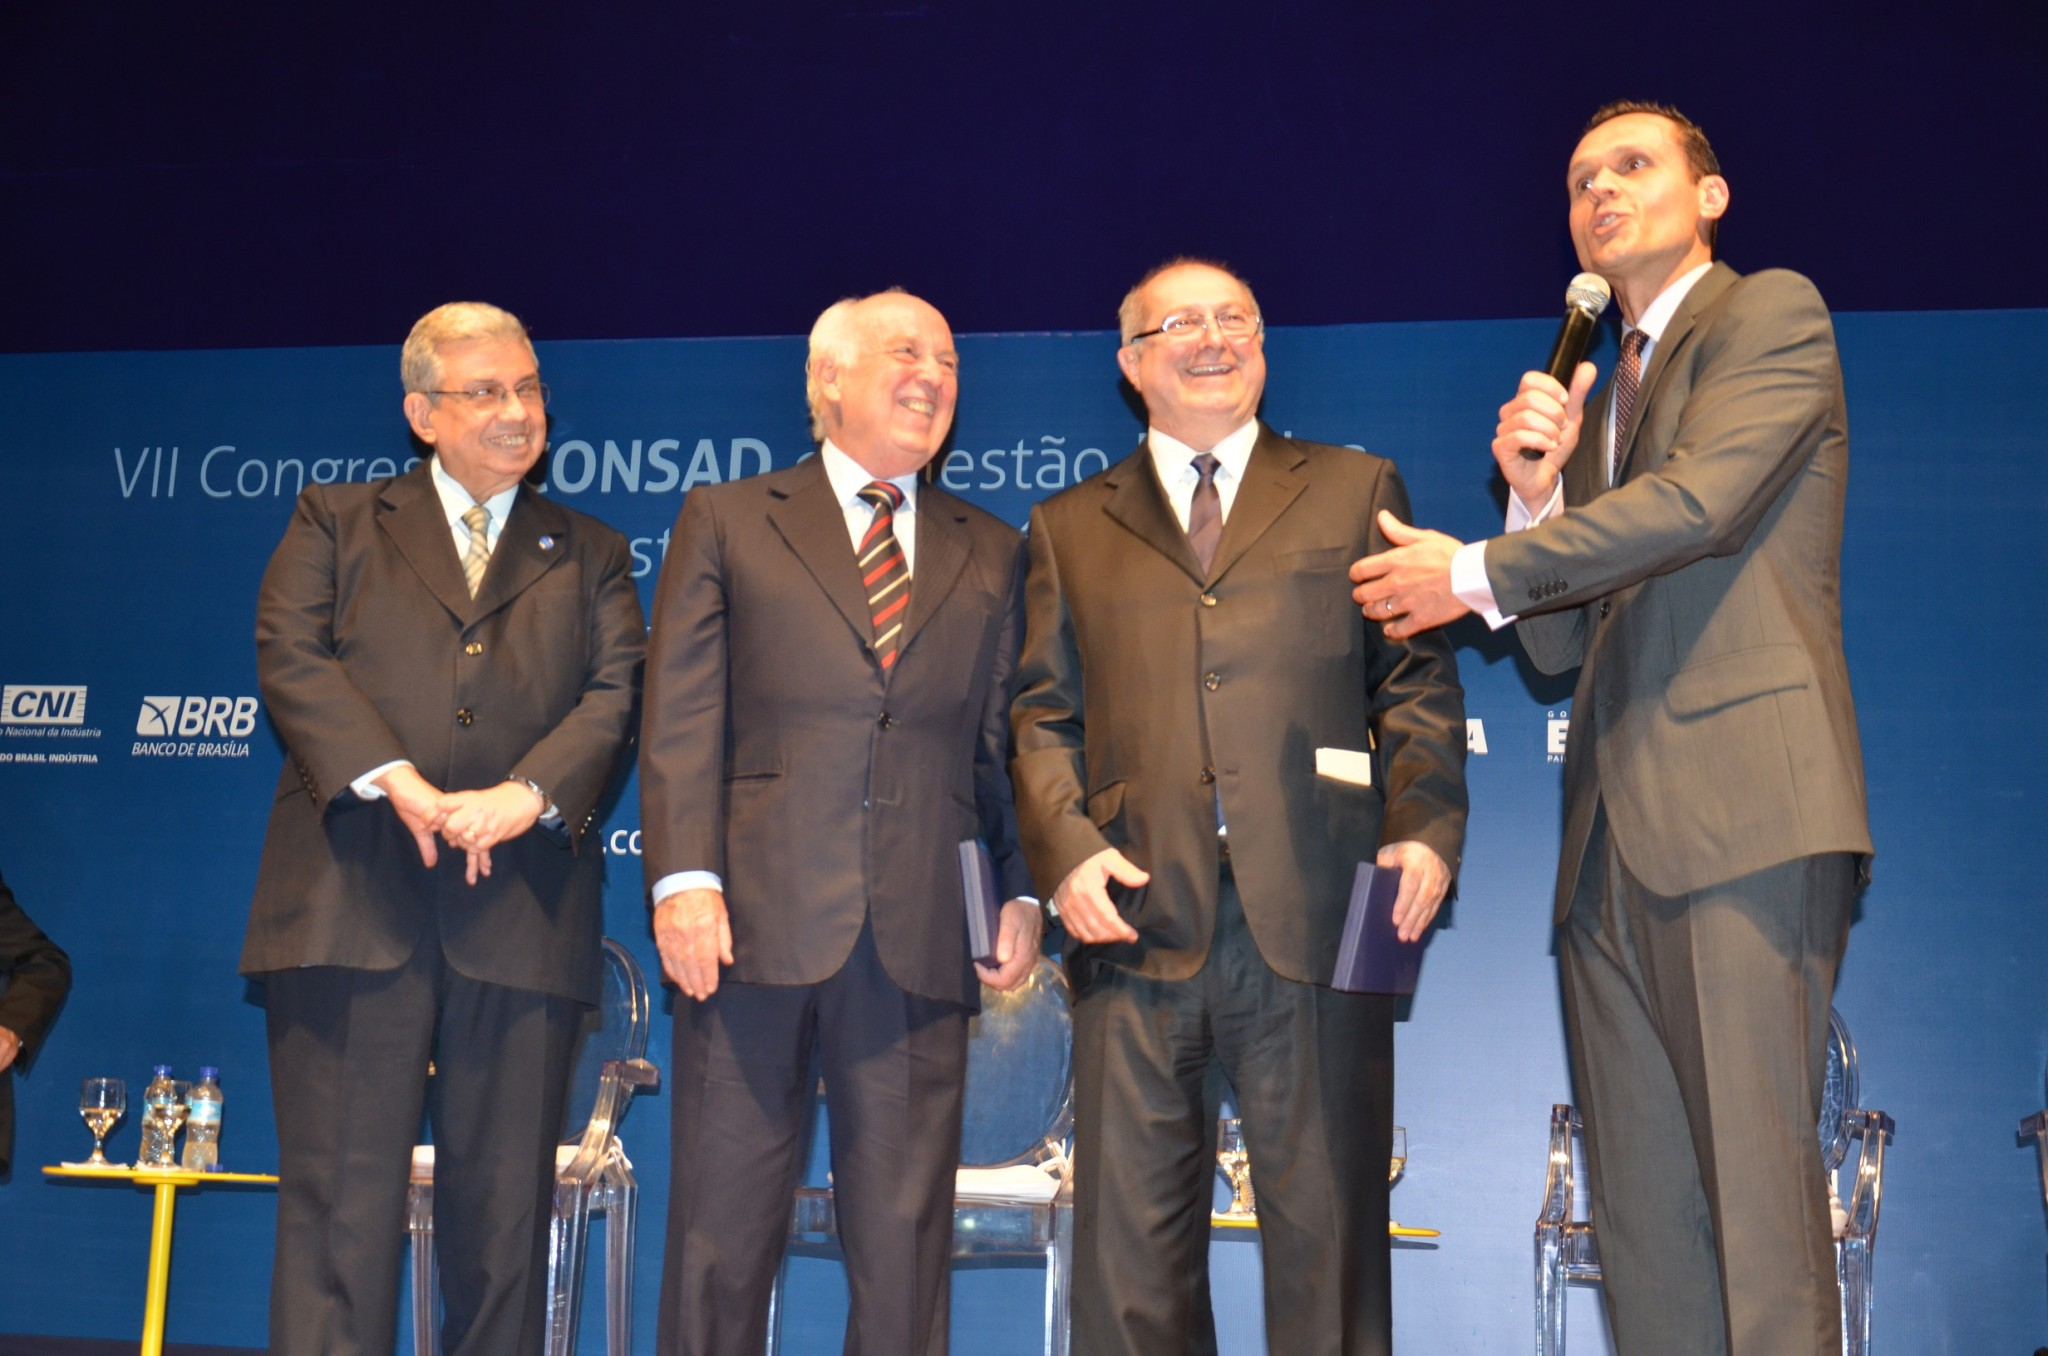 """Secretário Presidente do Consad: """"Dignidade é valor fundante da Gestão Pública"""""""